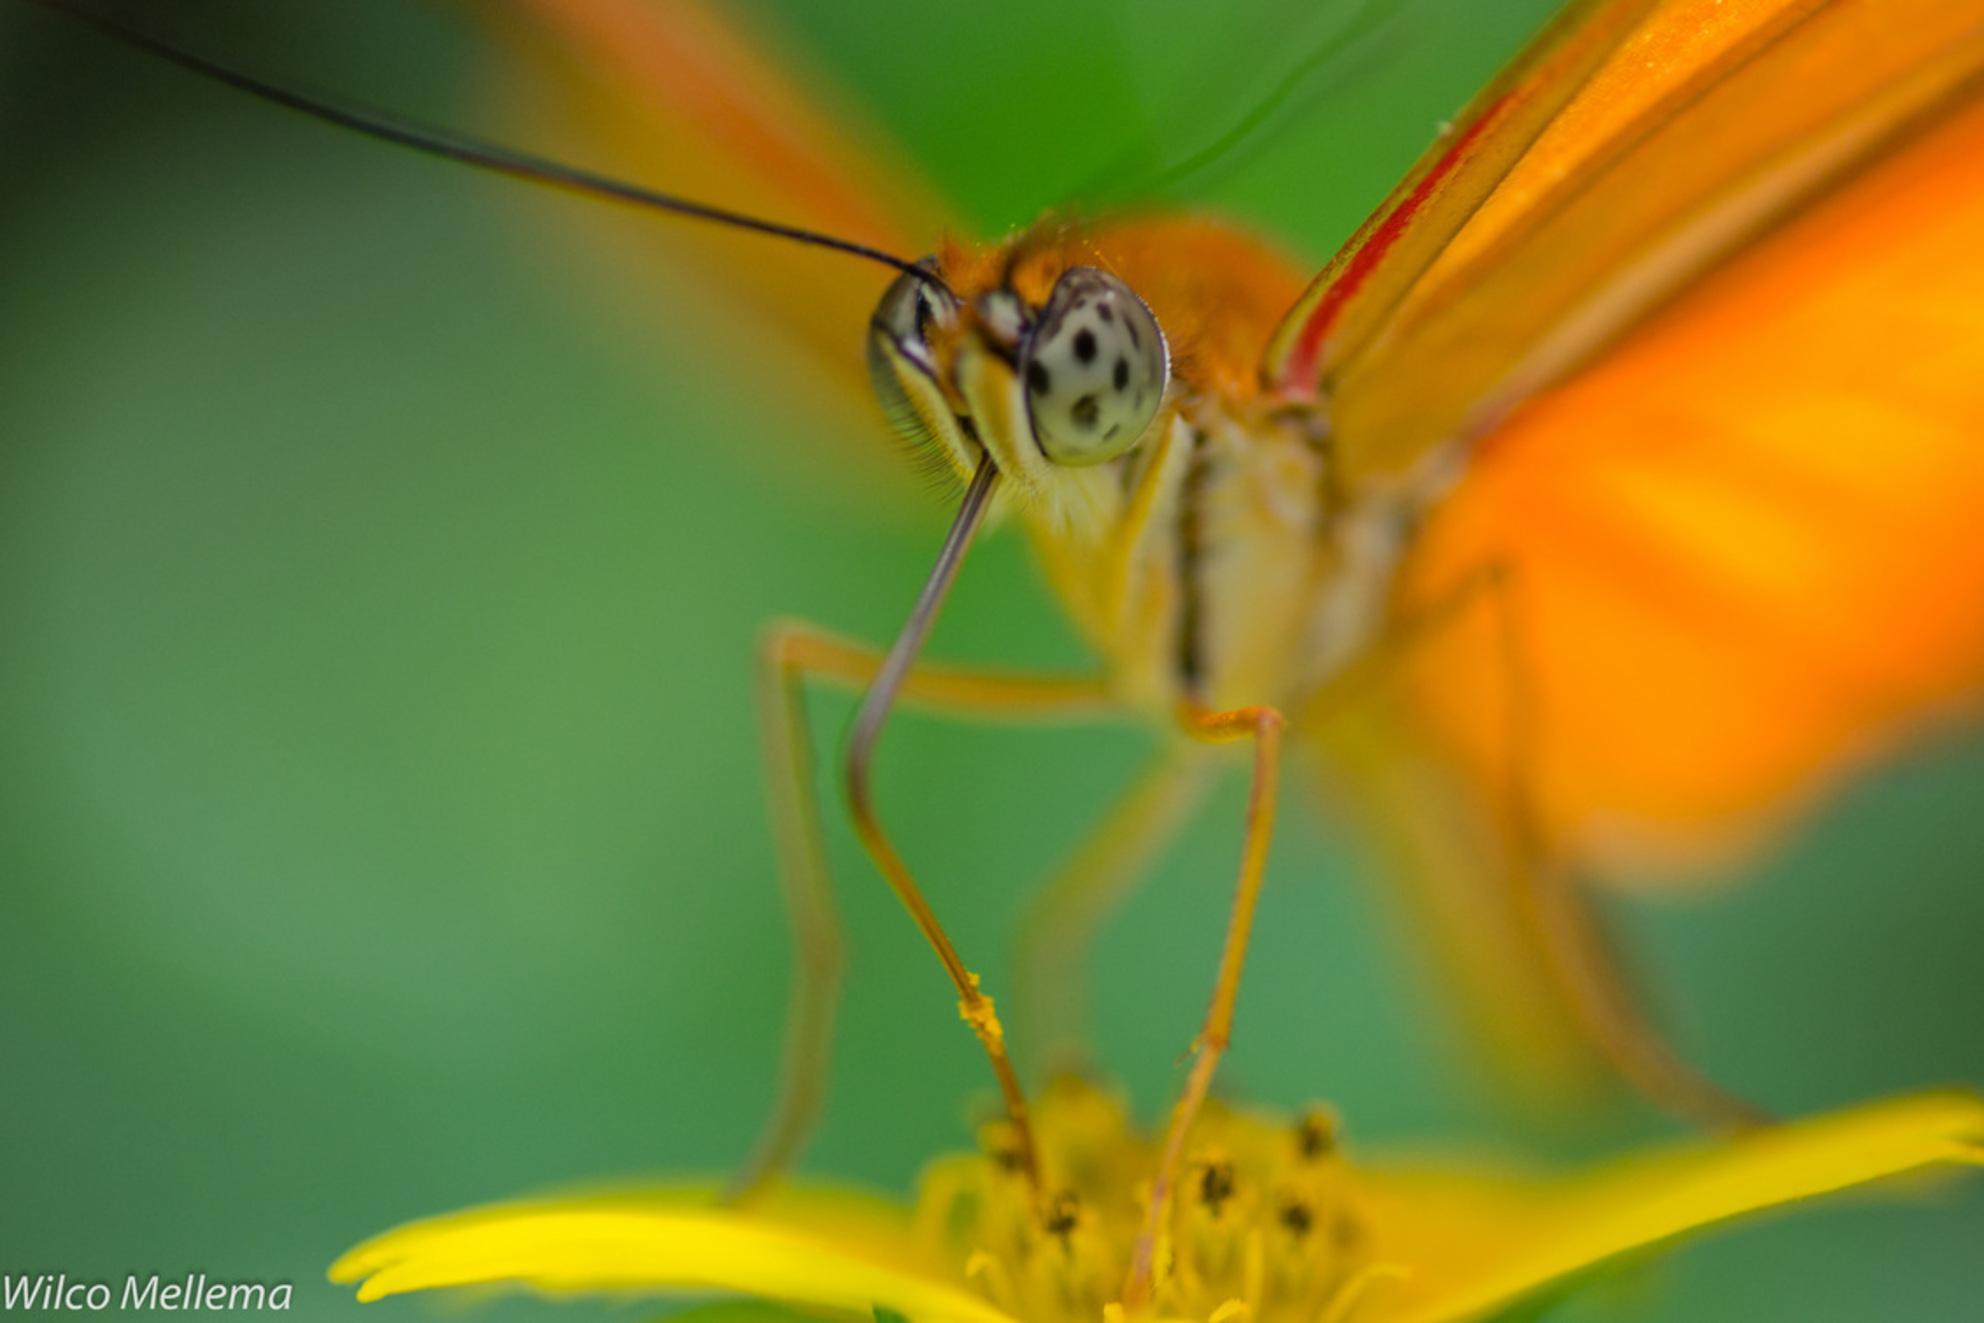 Vlinder 3 - Een vlinder in de Hortus Botanicus in Amsterdam. - foto door wilcofm op 30-08-2012 - deze foto bevat: amsterdam, macro, vlinder, geel, vlinders, hortus, botanicus